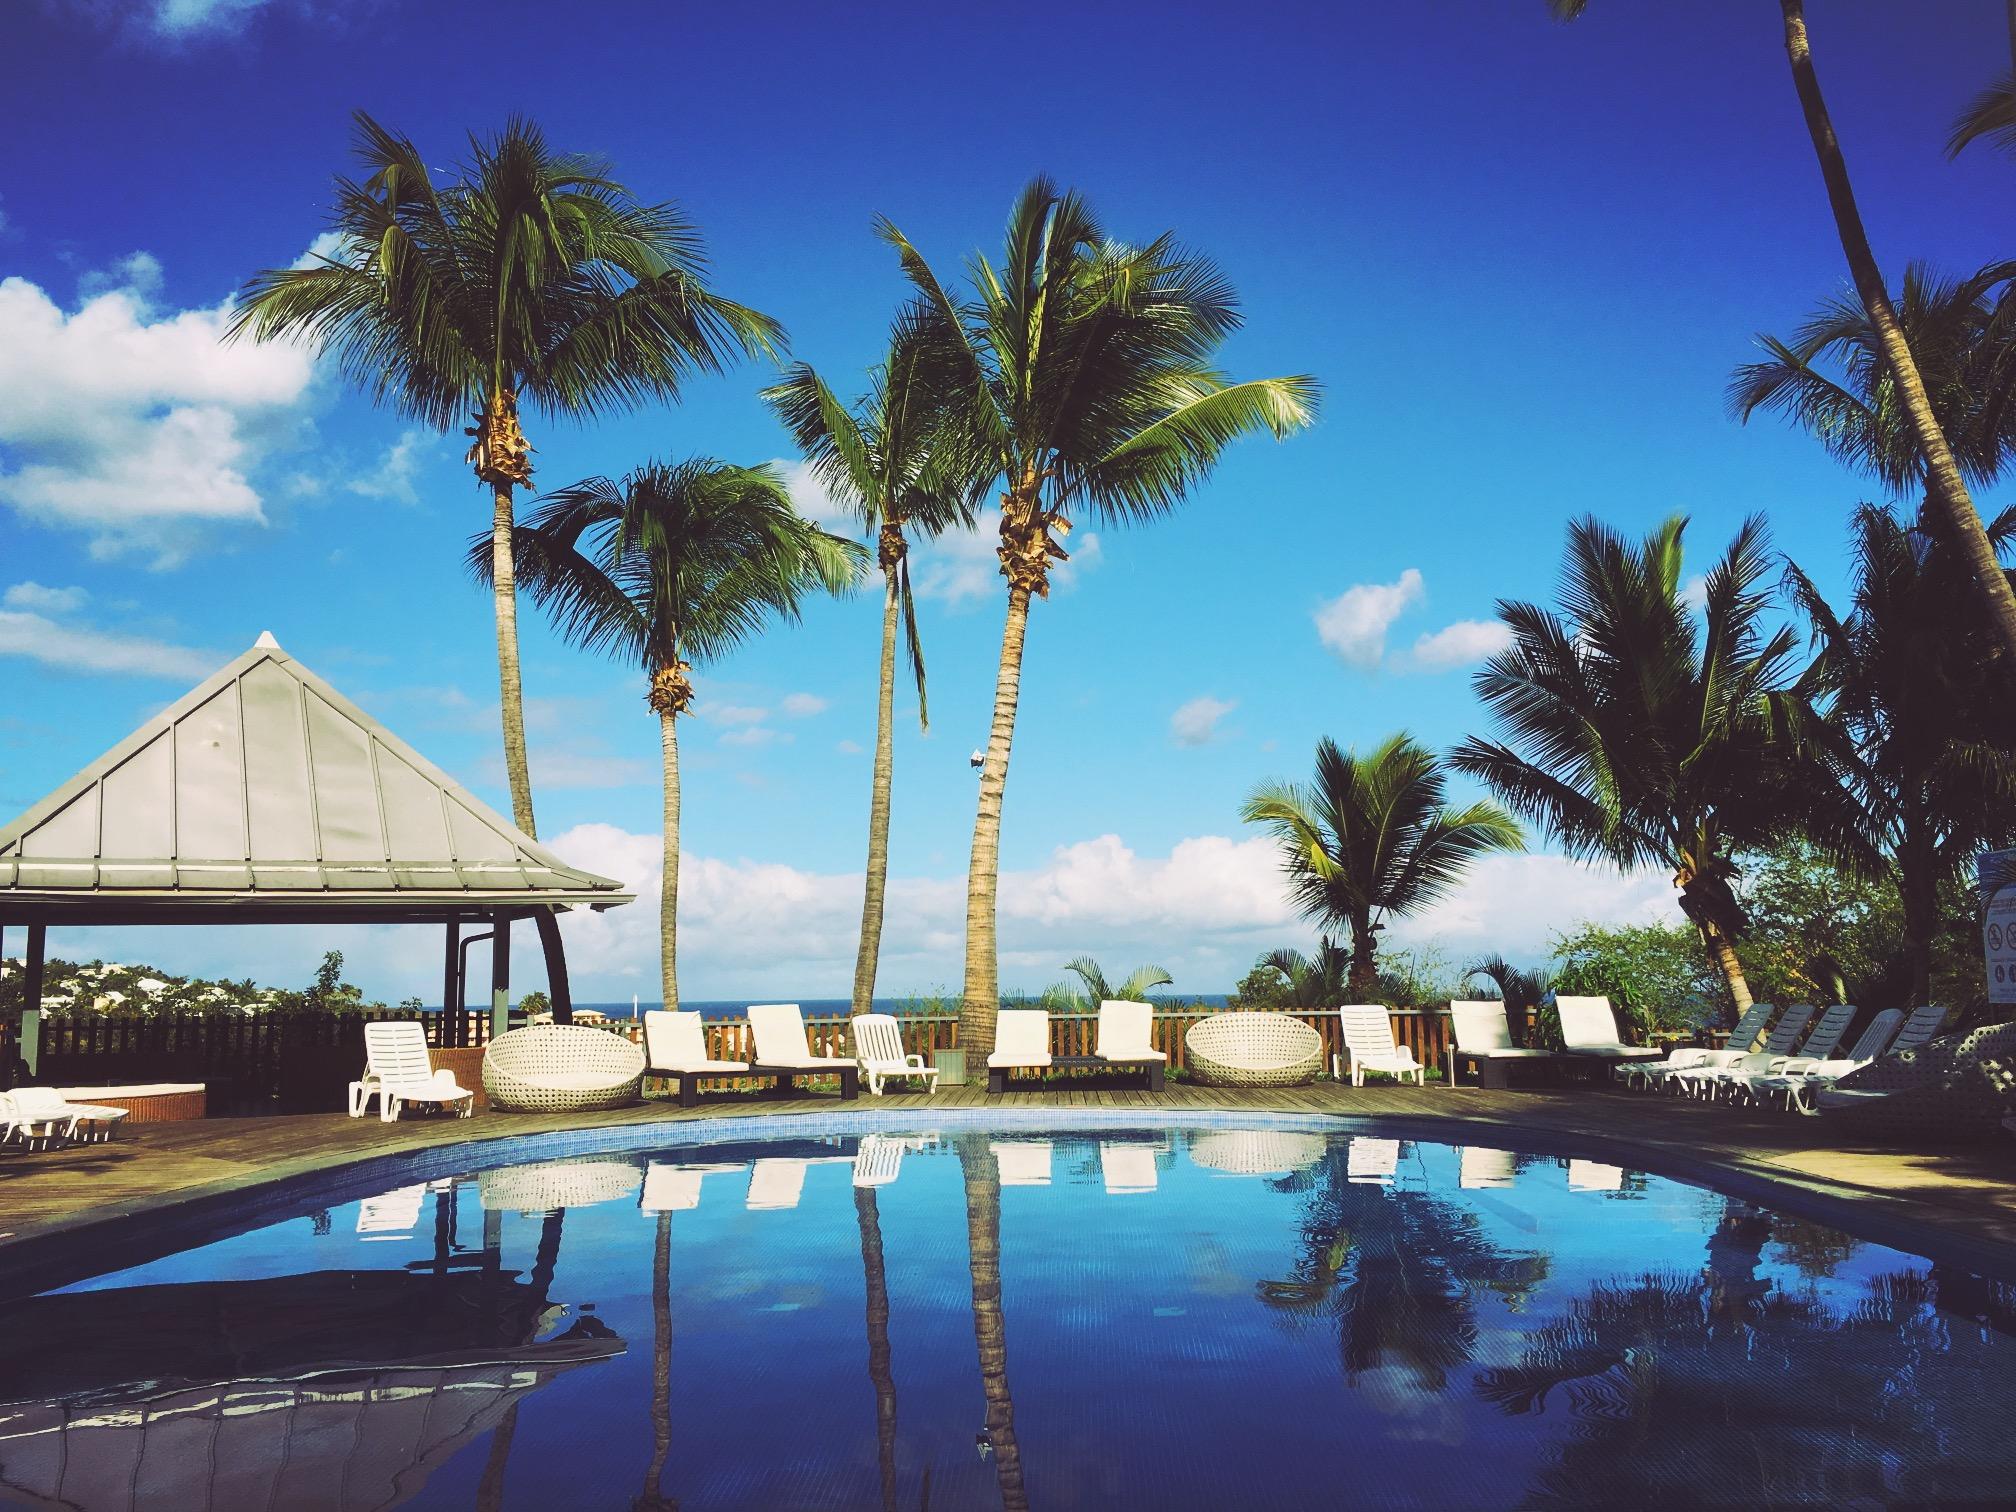 SOIREE SEGA MALOYA AUX AIGRETTESSaint-Paul / Saint-Gilles, agenda, Les hôtels s'animent, Office de Tourisme, Ouest, La Réunion, Ile de La Réunion, 974